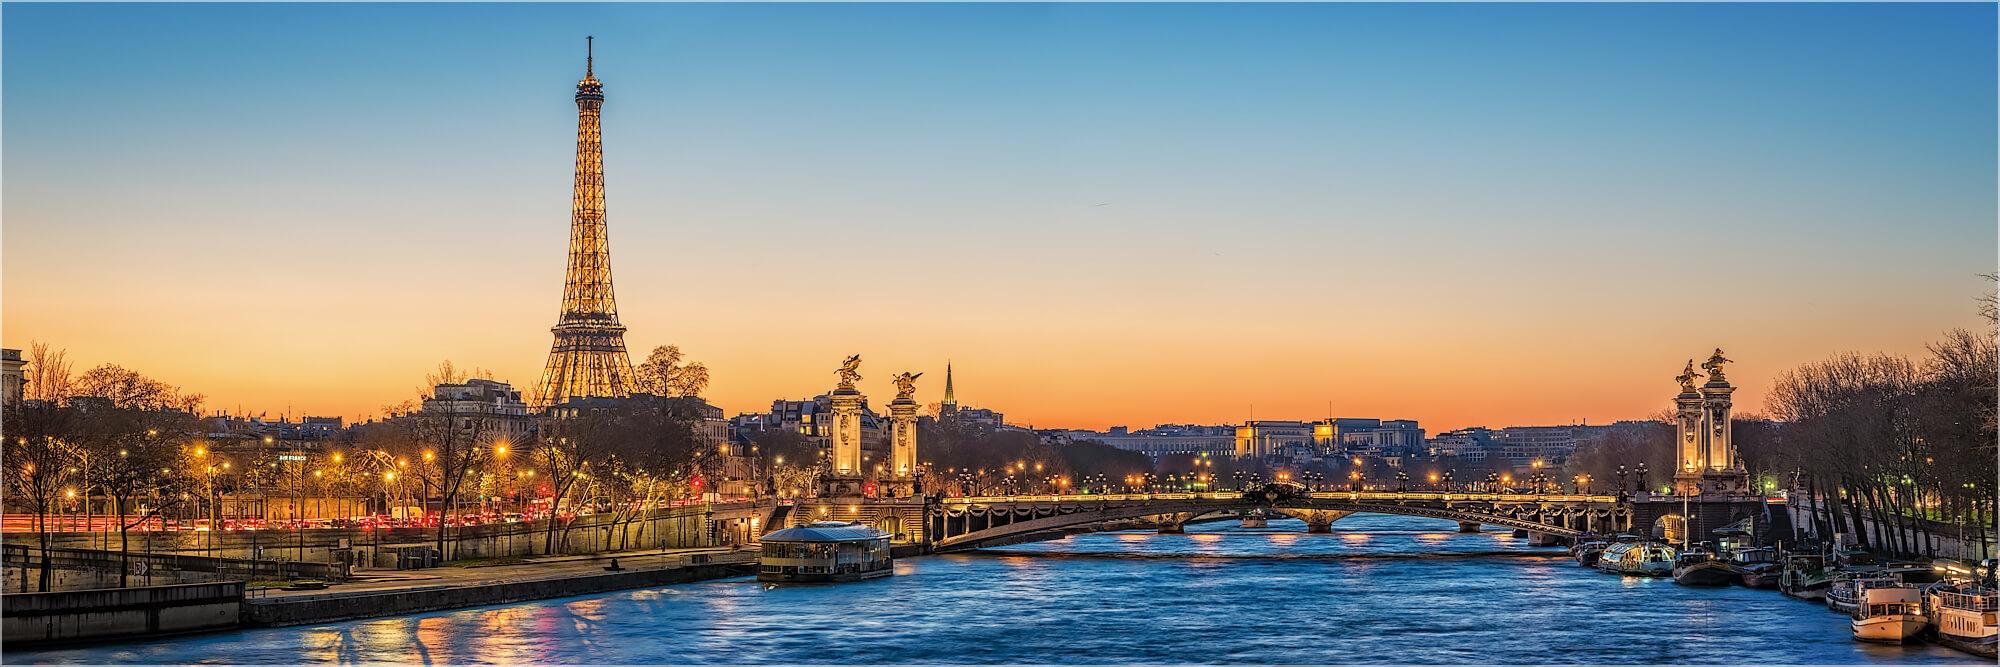 Panoramabild Abend an der Seine in Paris